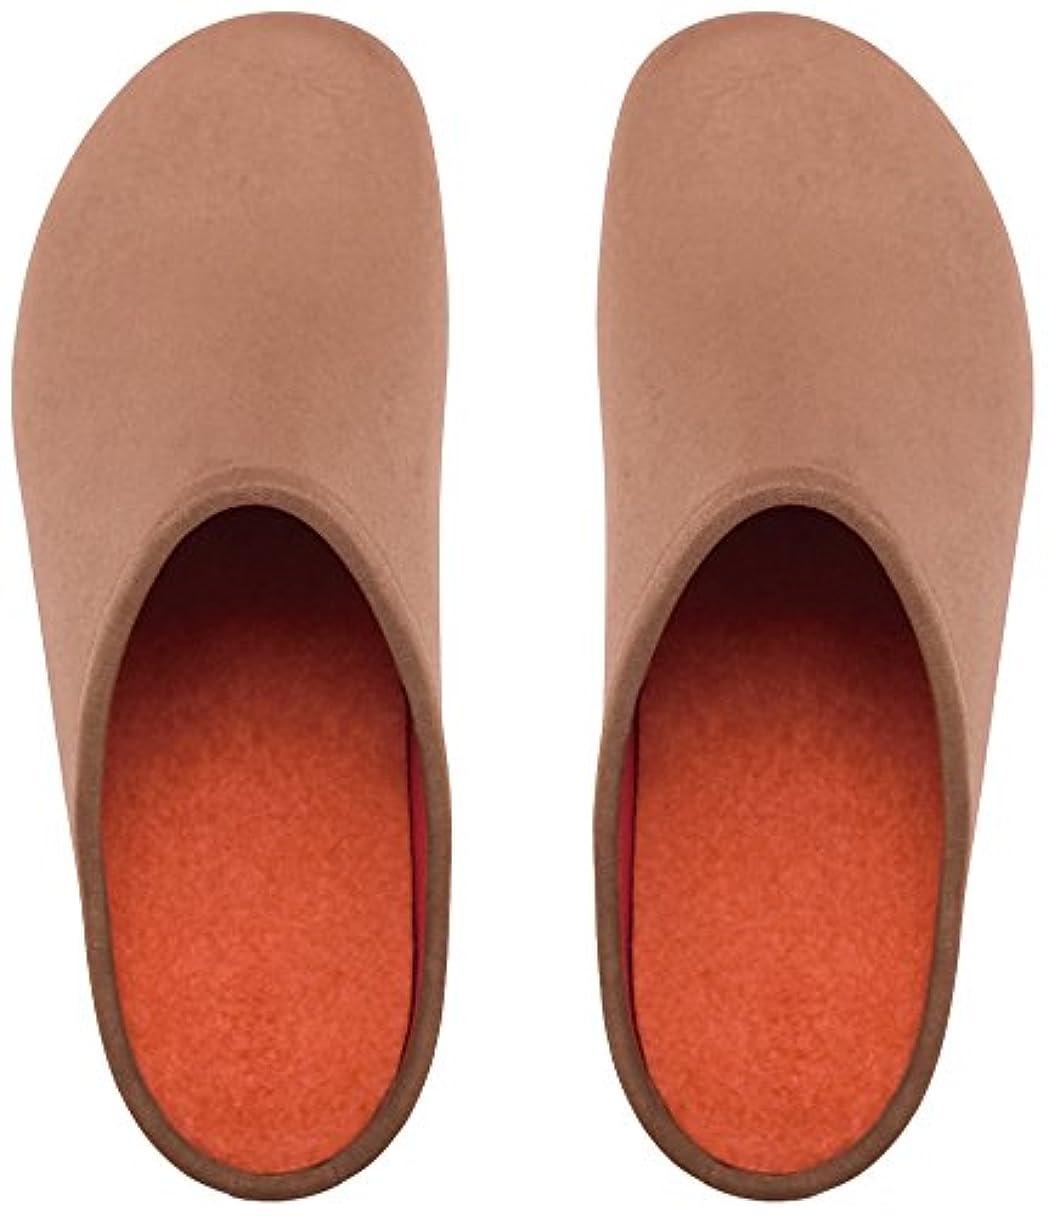 値私土砂降りプレミアムルームシューズ「フットローブ ピエモンテ / footrobe Piemonte」プレーン(マロングラッセ)+フェルトインソール(オレンジ)セット女性用 24.5cm